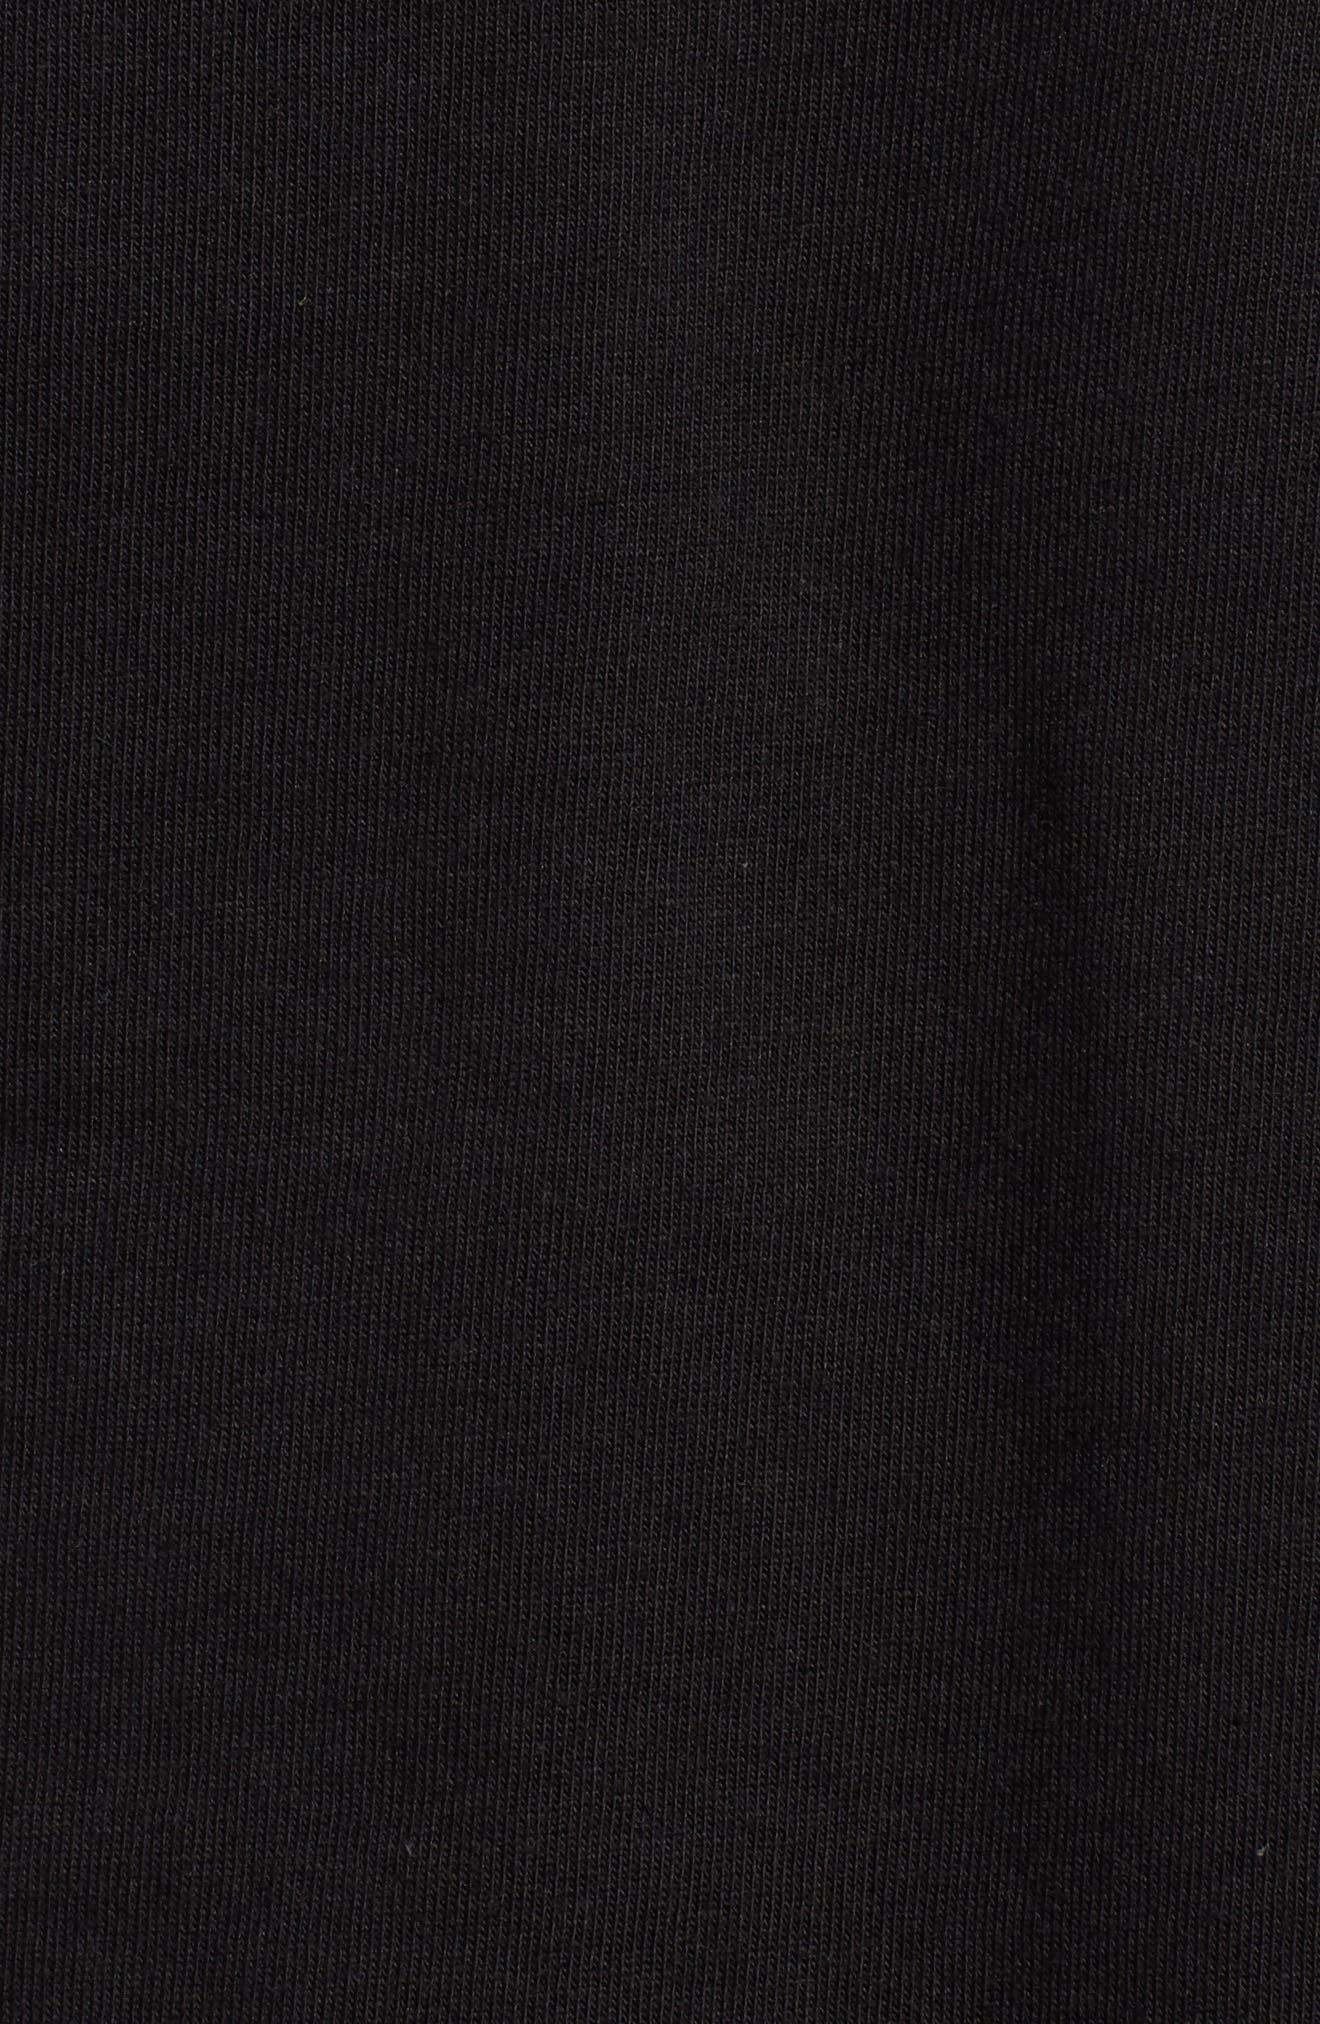 x Pendleton Pocket T-Shirt,                             Alternate thumbnail 5, color,                             010